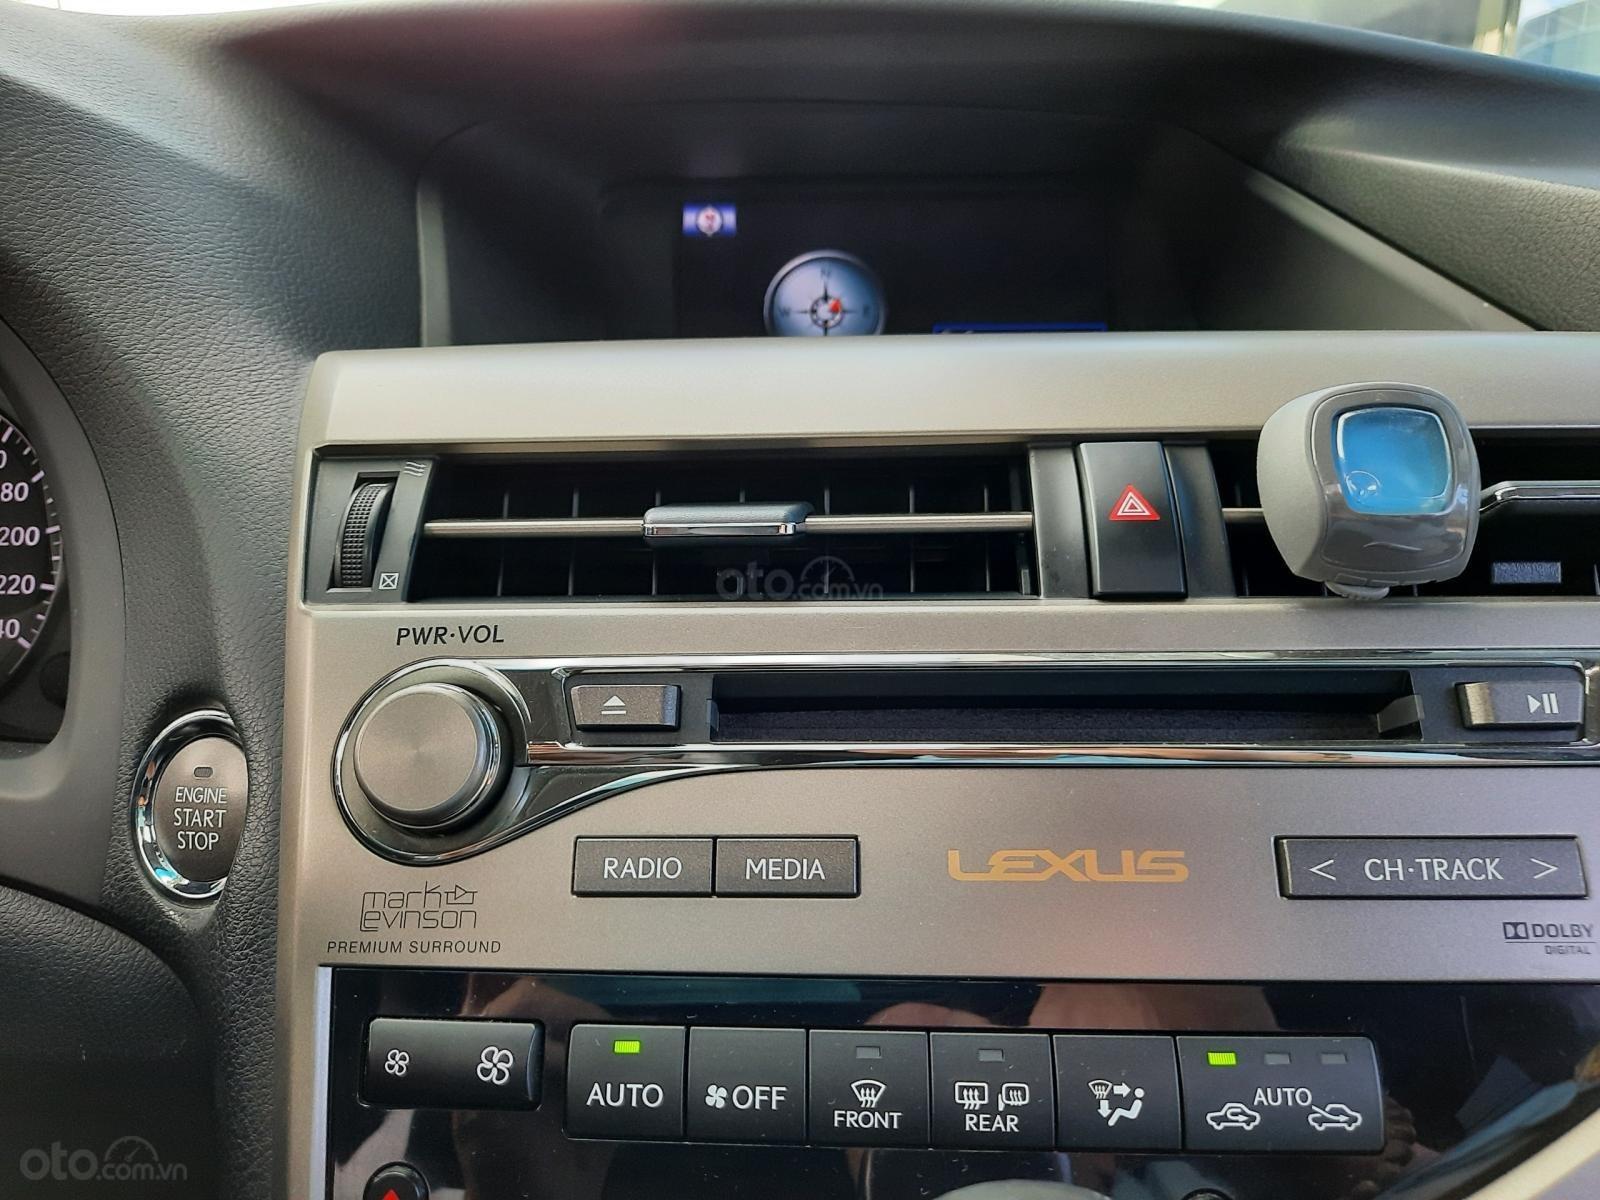 Bán Lexus RX350 V6 3.5 sản xuất 2013, đăng ký lần đầu 2014, màu trắng, nhập khẩu (4)